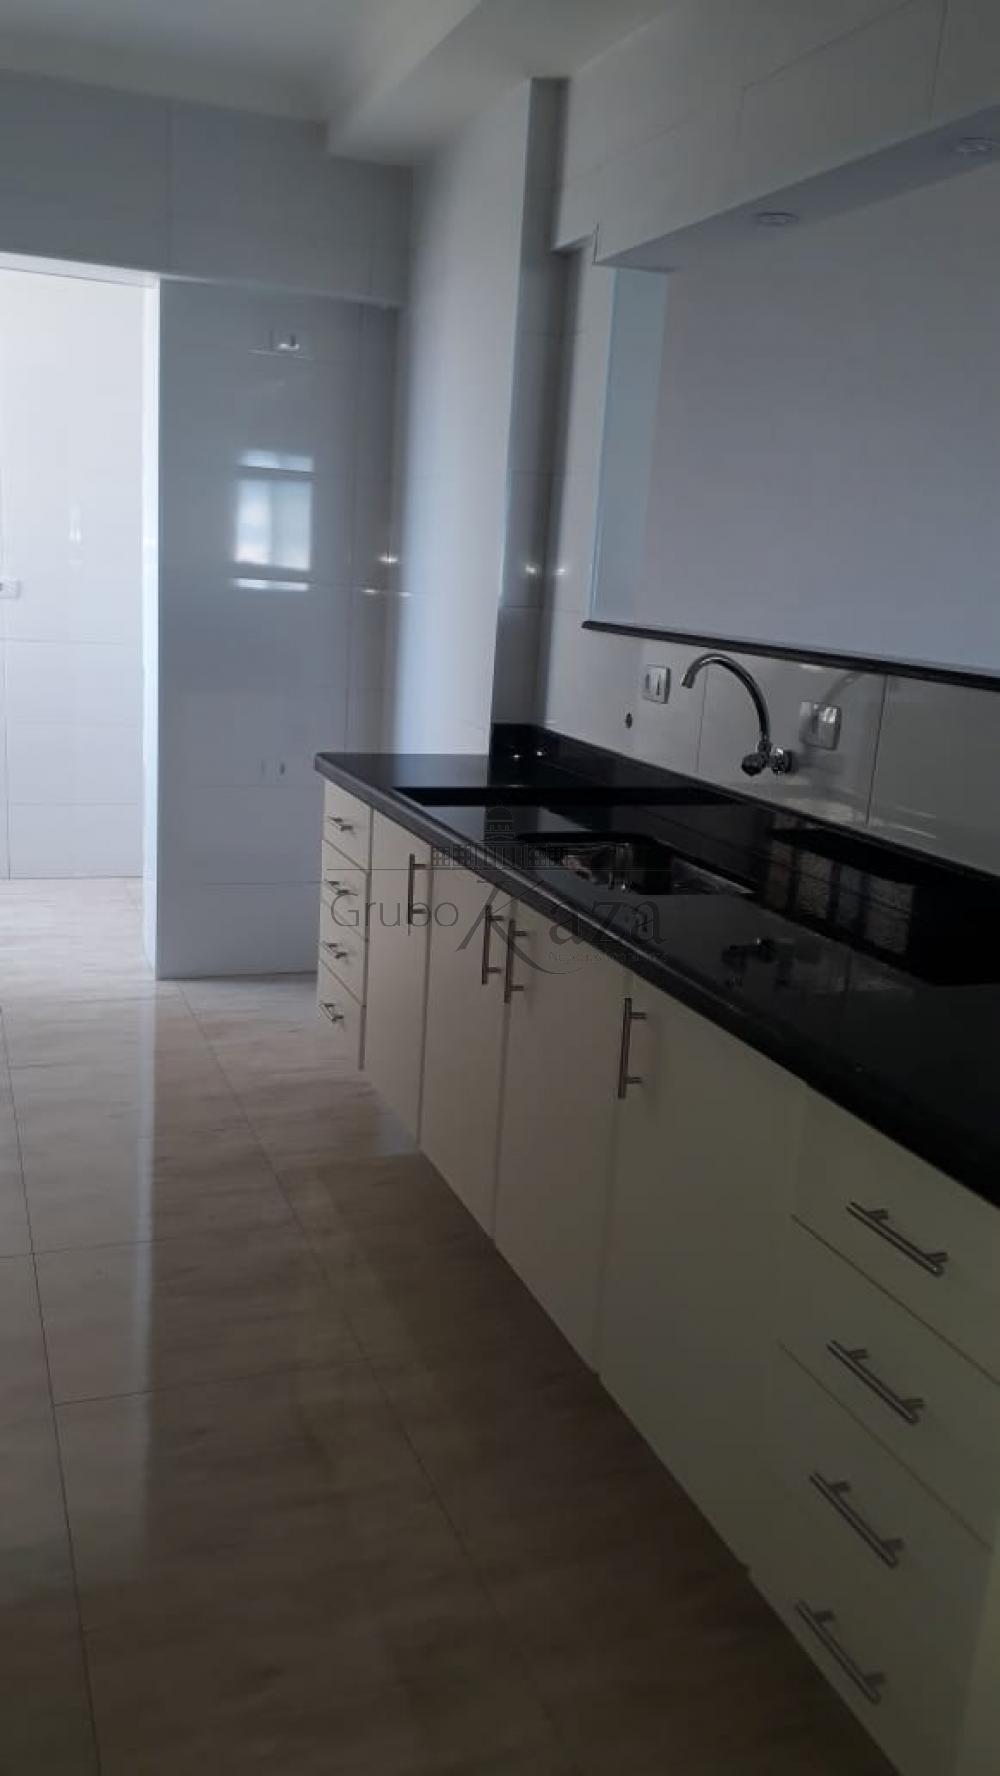 alt='Comprar Apartamento / Padrão em São José dos Campos R$ 373.000,00 - Foto 6' title='Comprar Apartamento / Padrão em São José dos Campos R$ 373.000,00 - Foto 6'